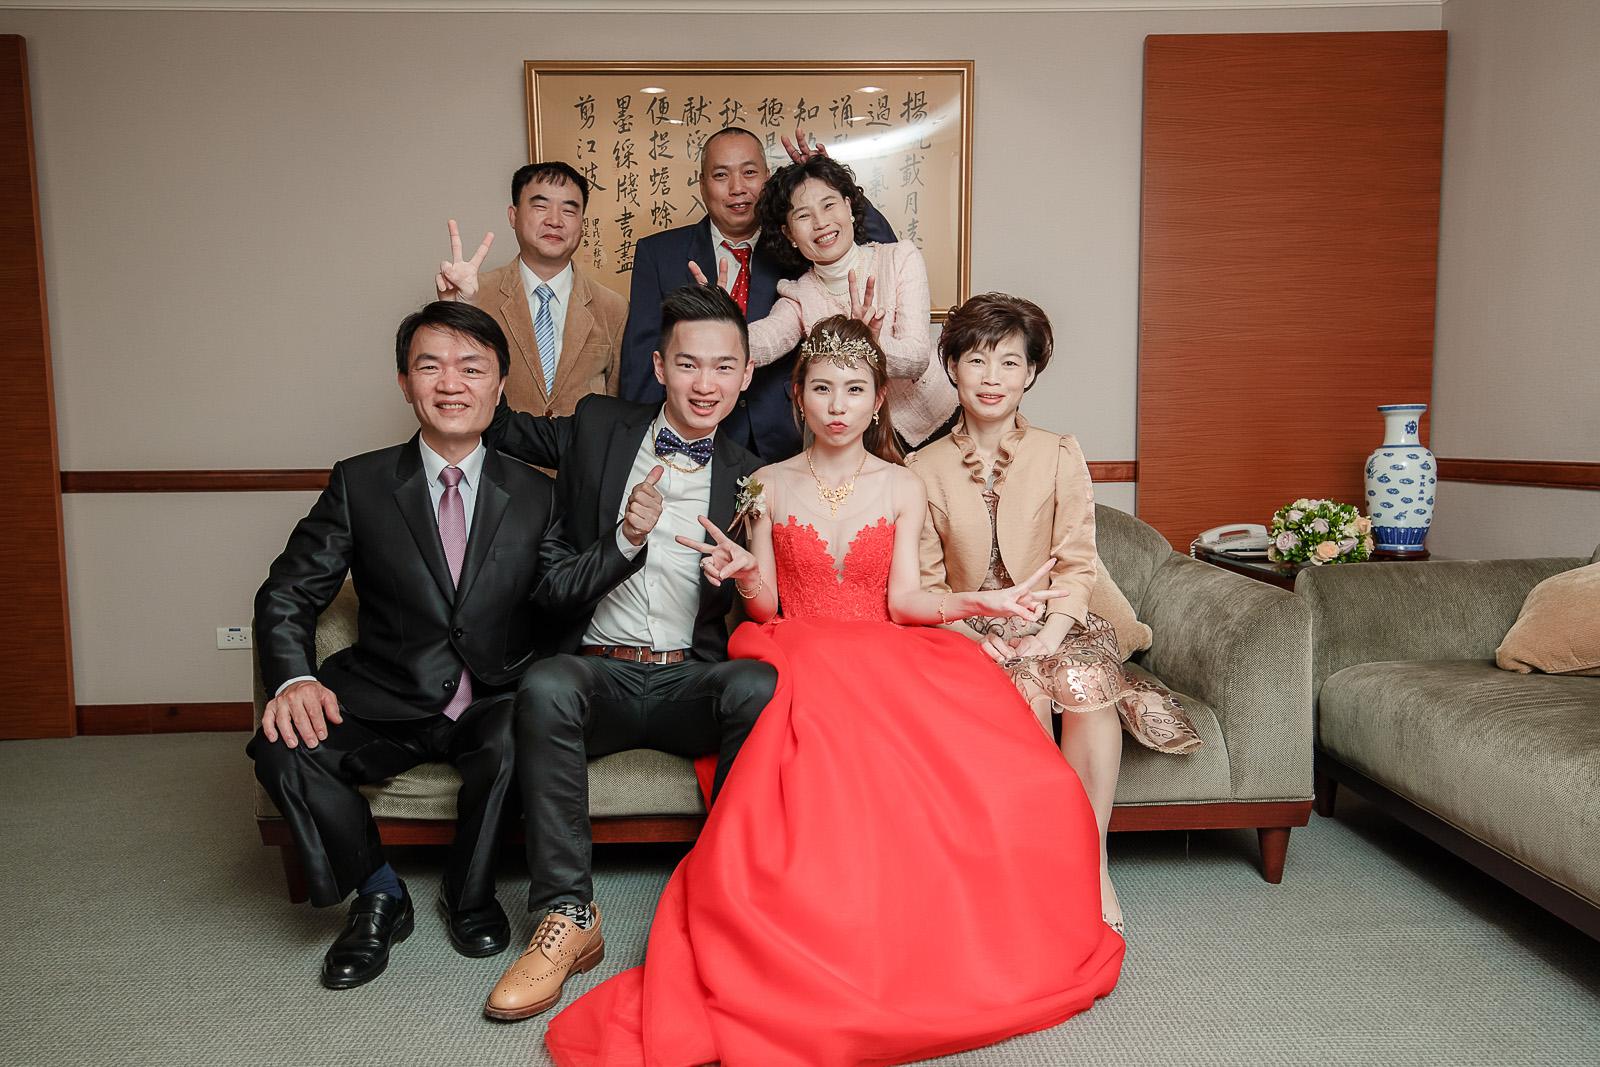 高雄圓山飯店,婚禮攝影,婚攝,高雄婚攝,優質婚攝推薦,Jen&Ethan-049